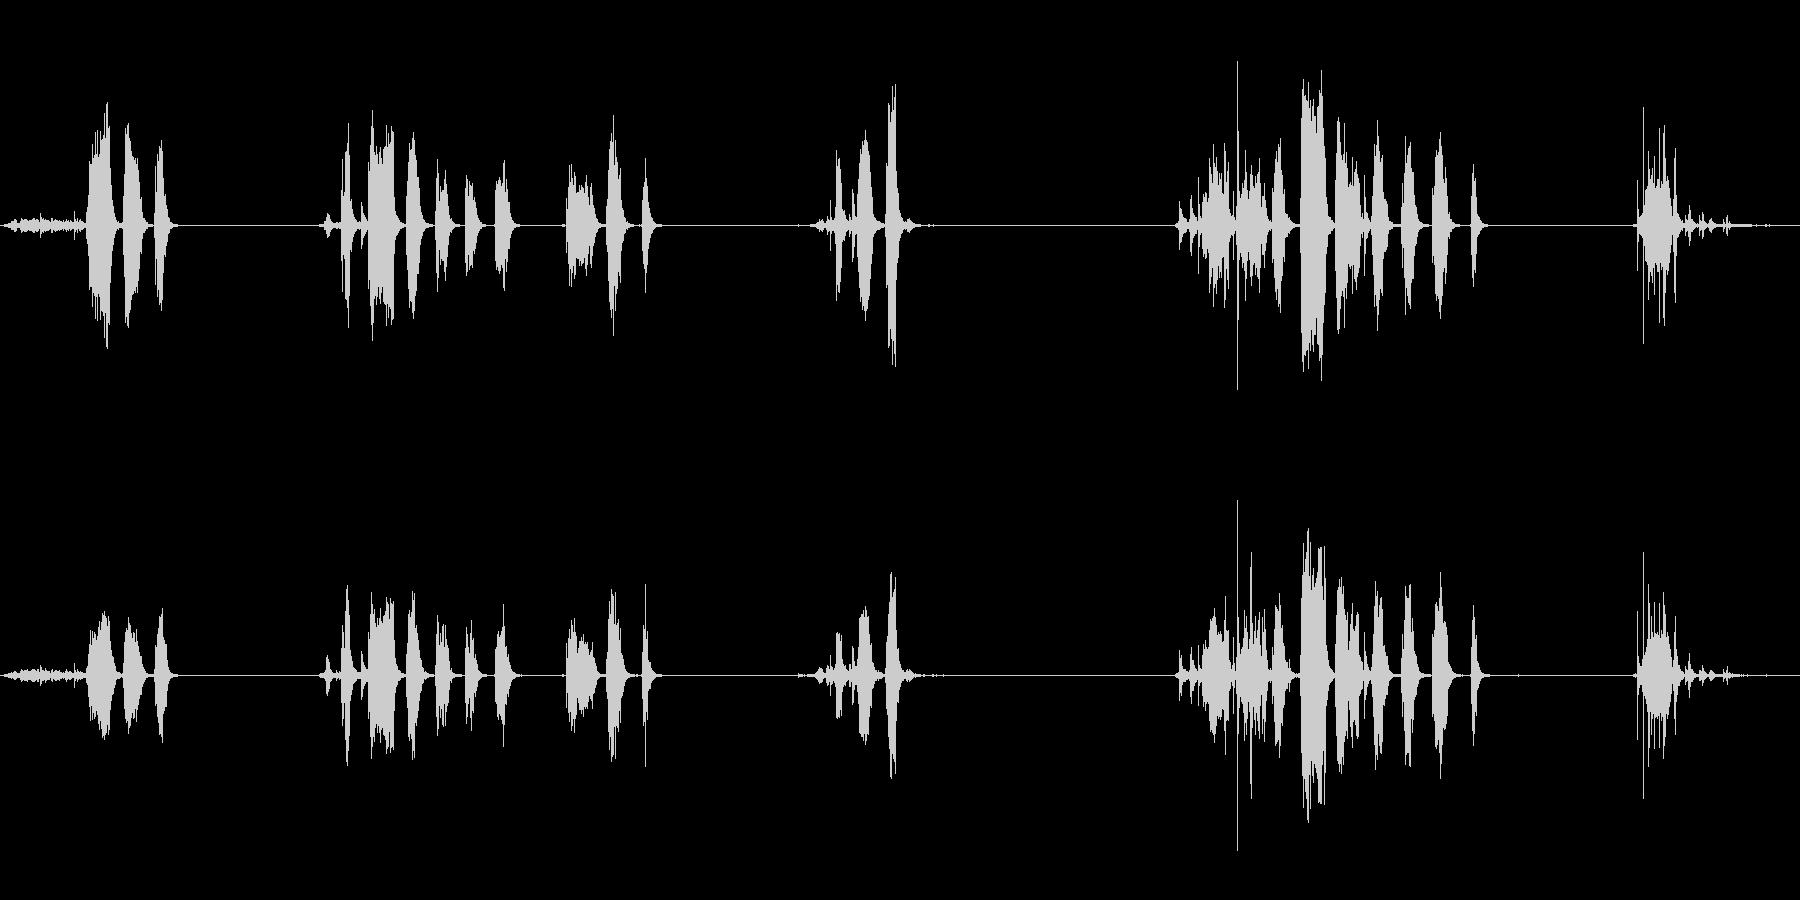 Hの中の鷹の鳴き声と羽ばたきの未再生の波形